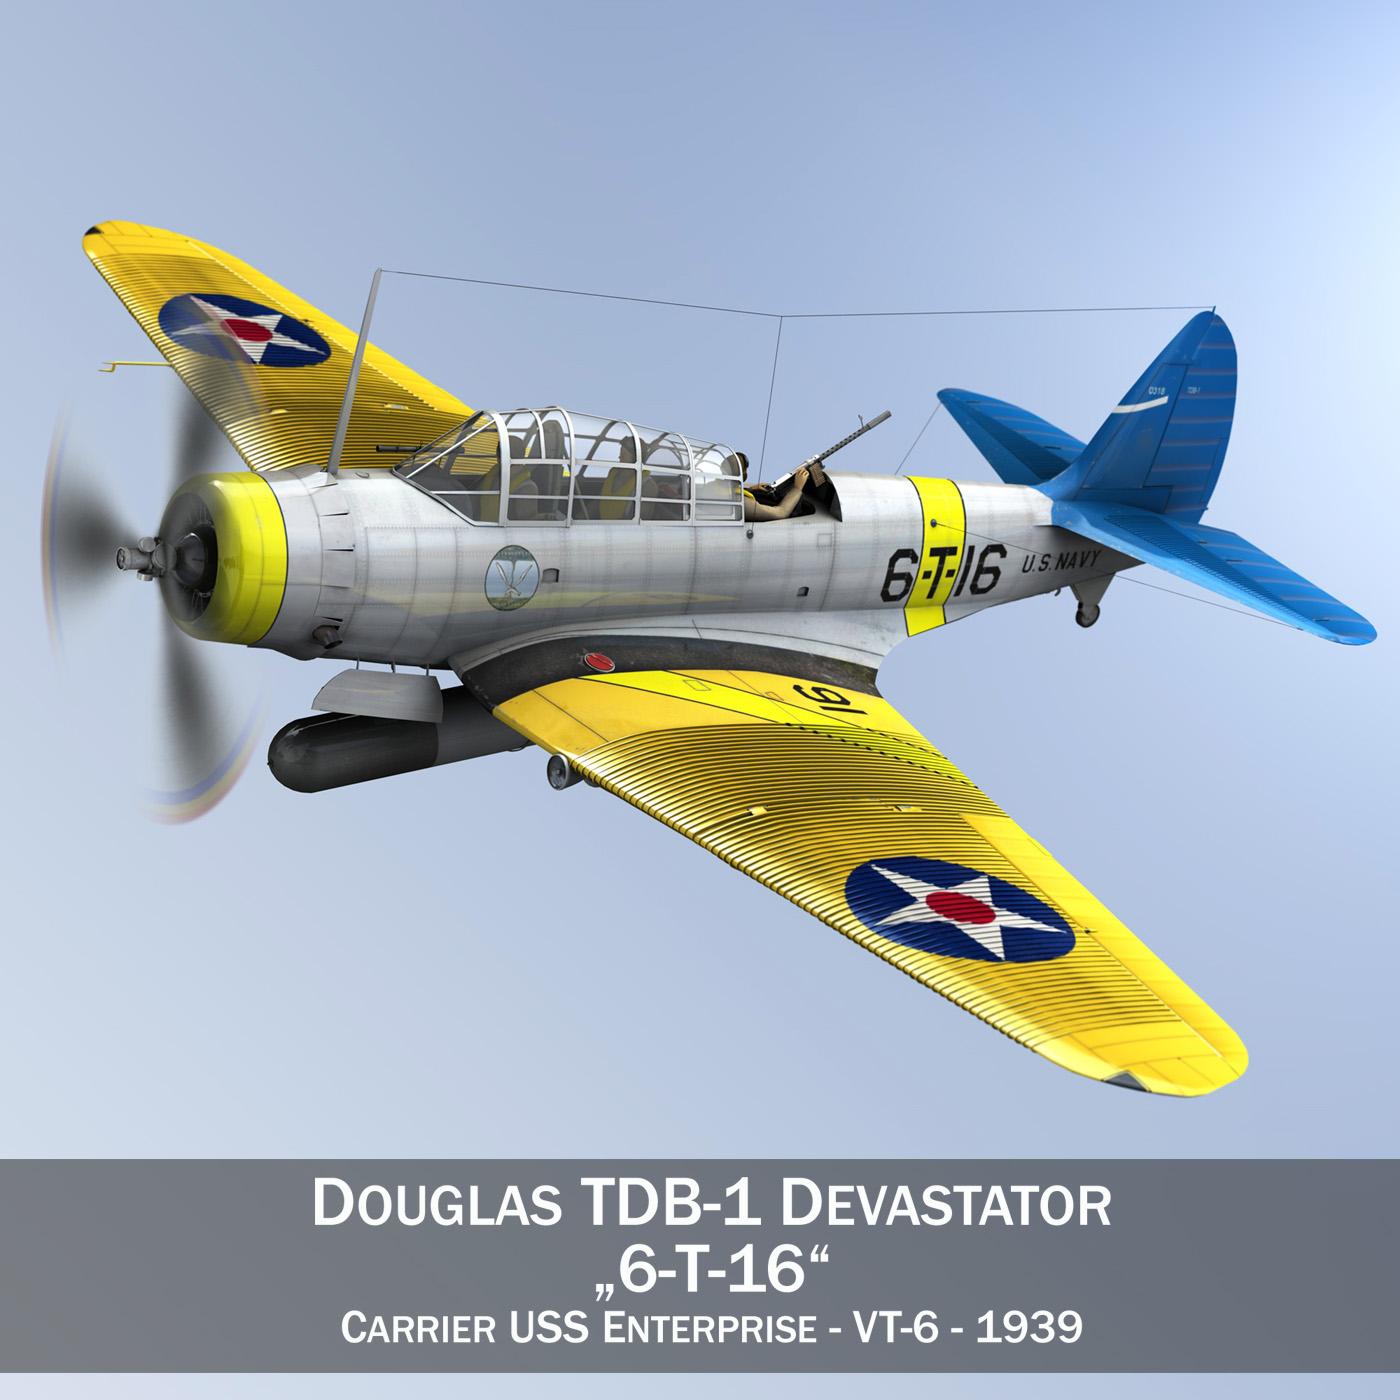 douglas tdb-1 devastator - 6t16 3d modelo 3ds fbx c4d lwo obj 270362